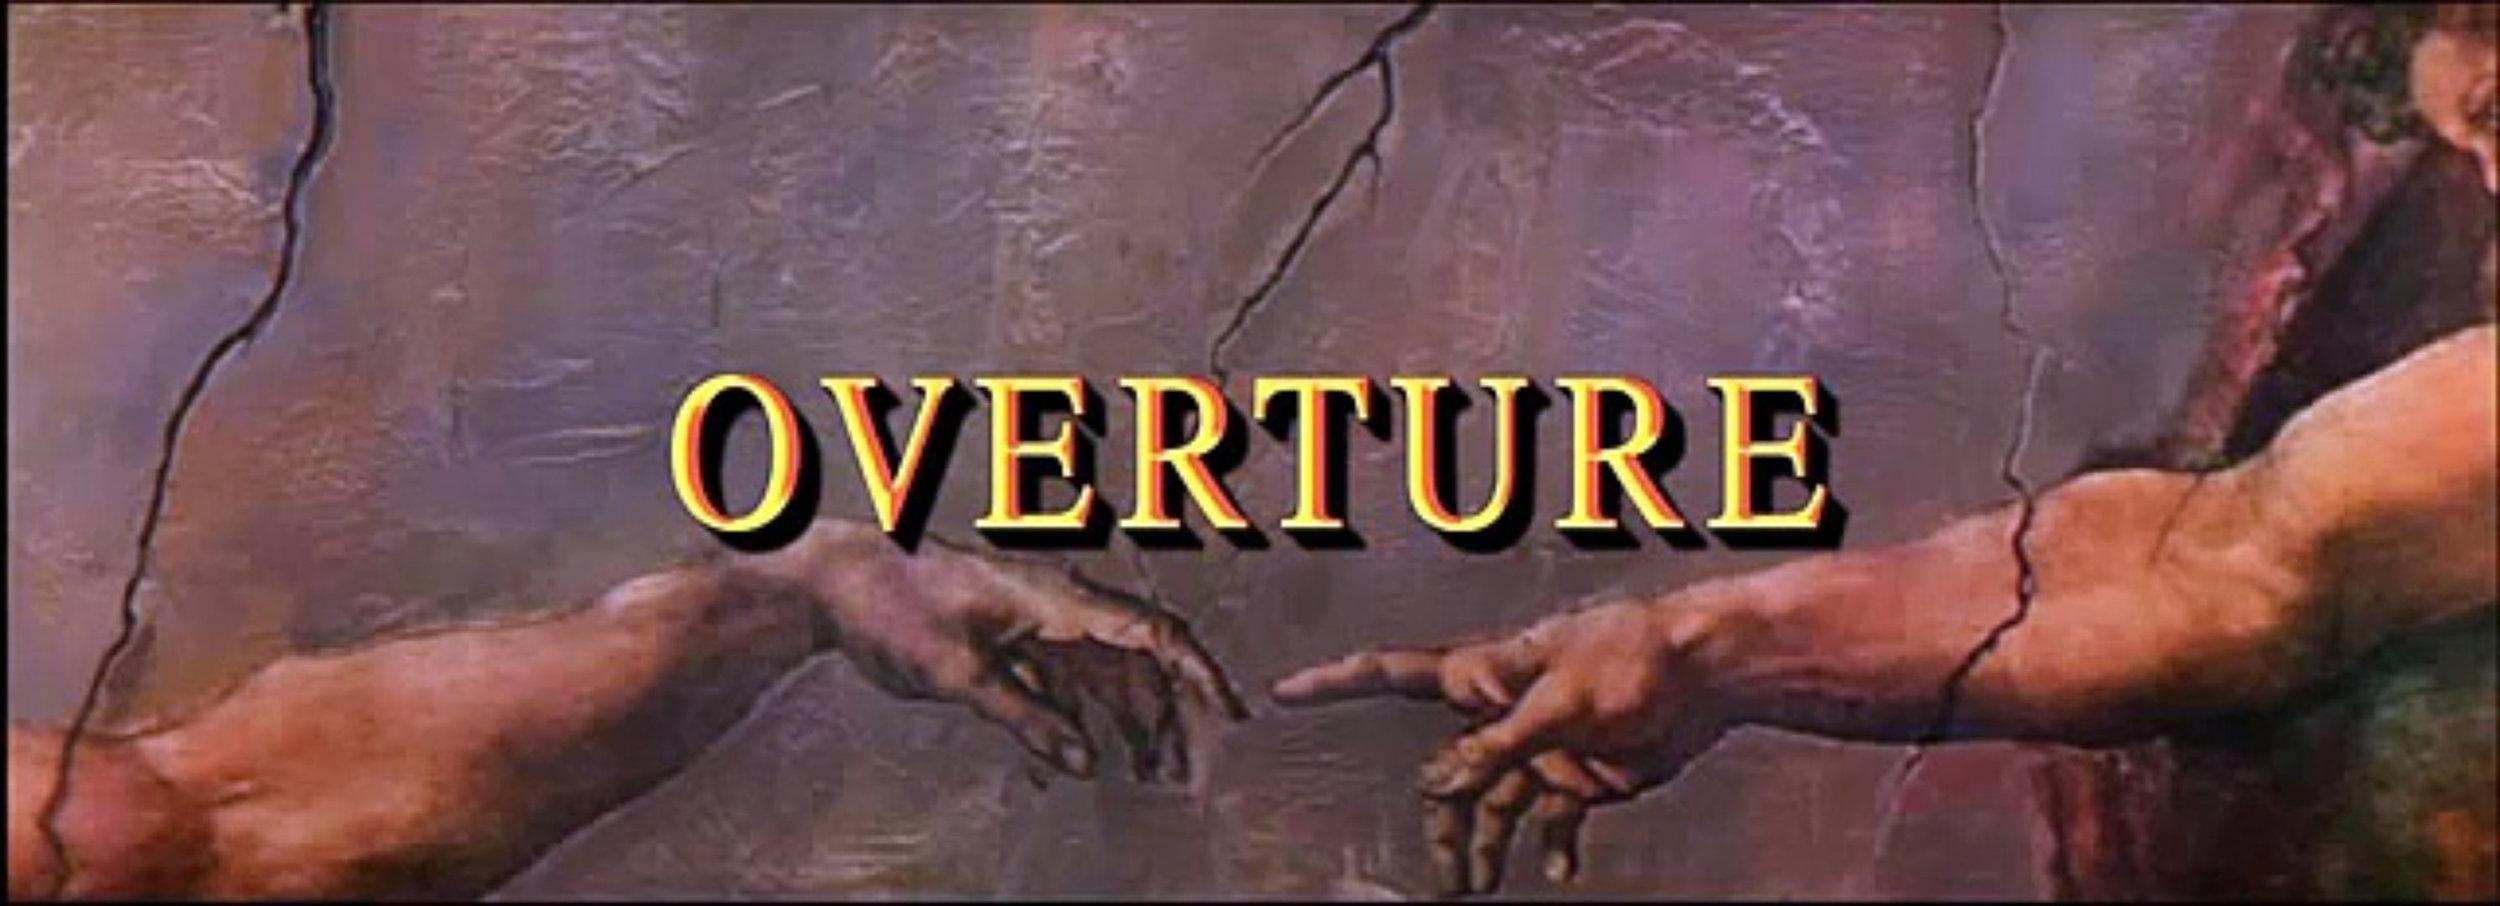 Ben Hur 1959 Overture